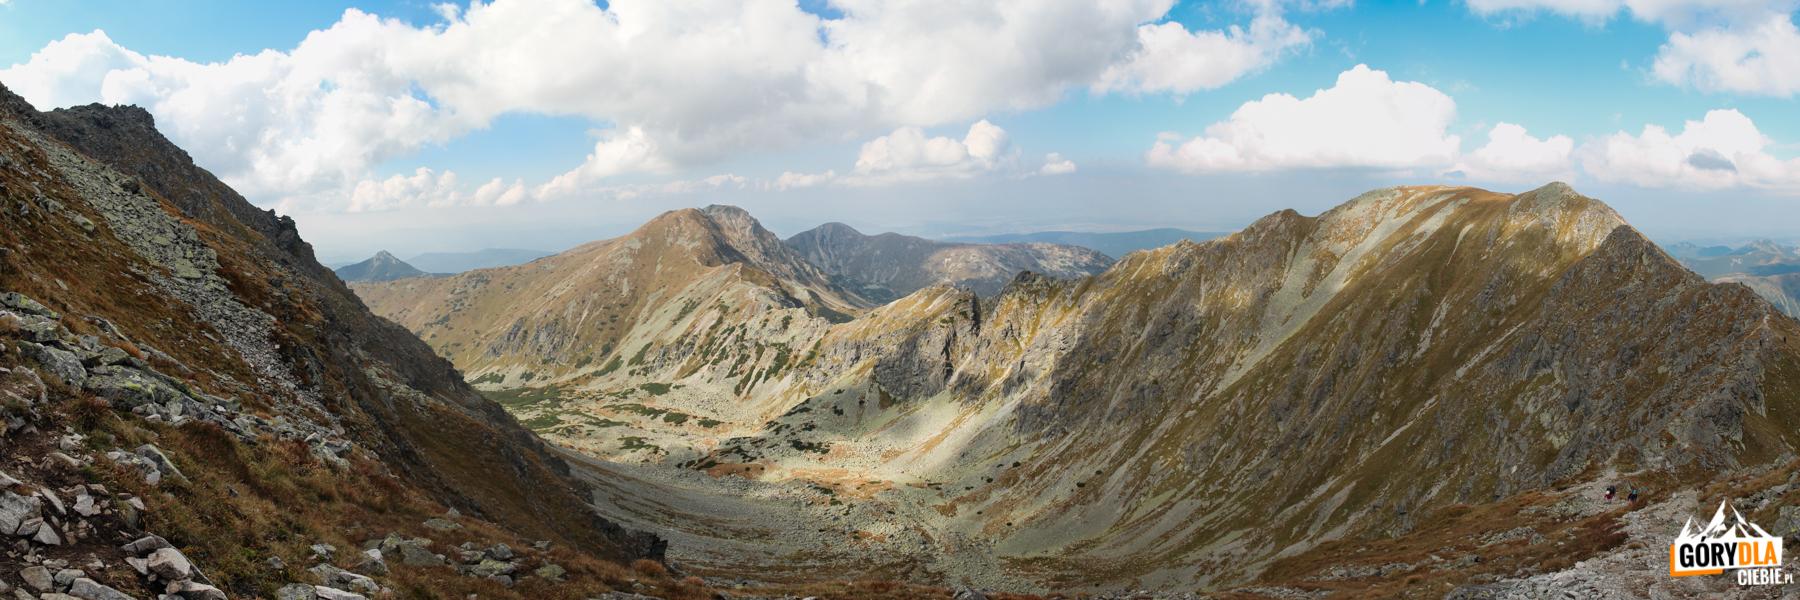 Głęboka Dolina, Spalona Kopa (2083 m), Szczyty Salatyna (2048 i2046 m) iBrestowa (1934 m) widziane spod szczytu Pahoła (2167 m)